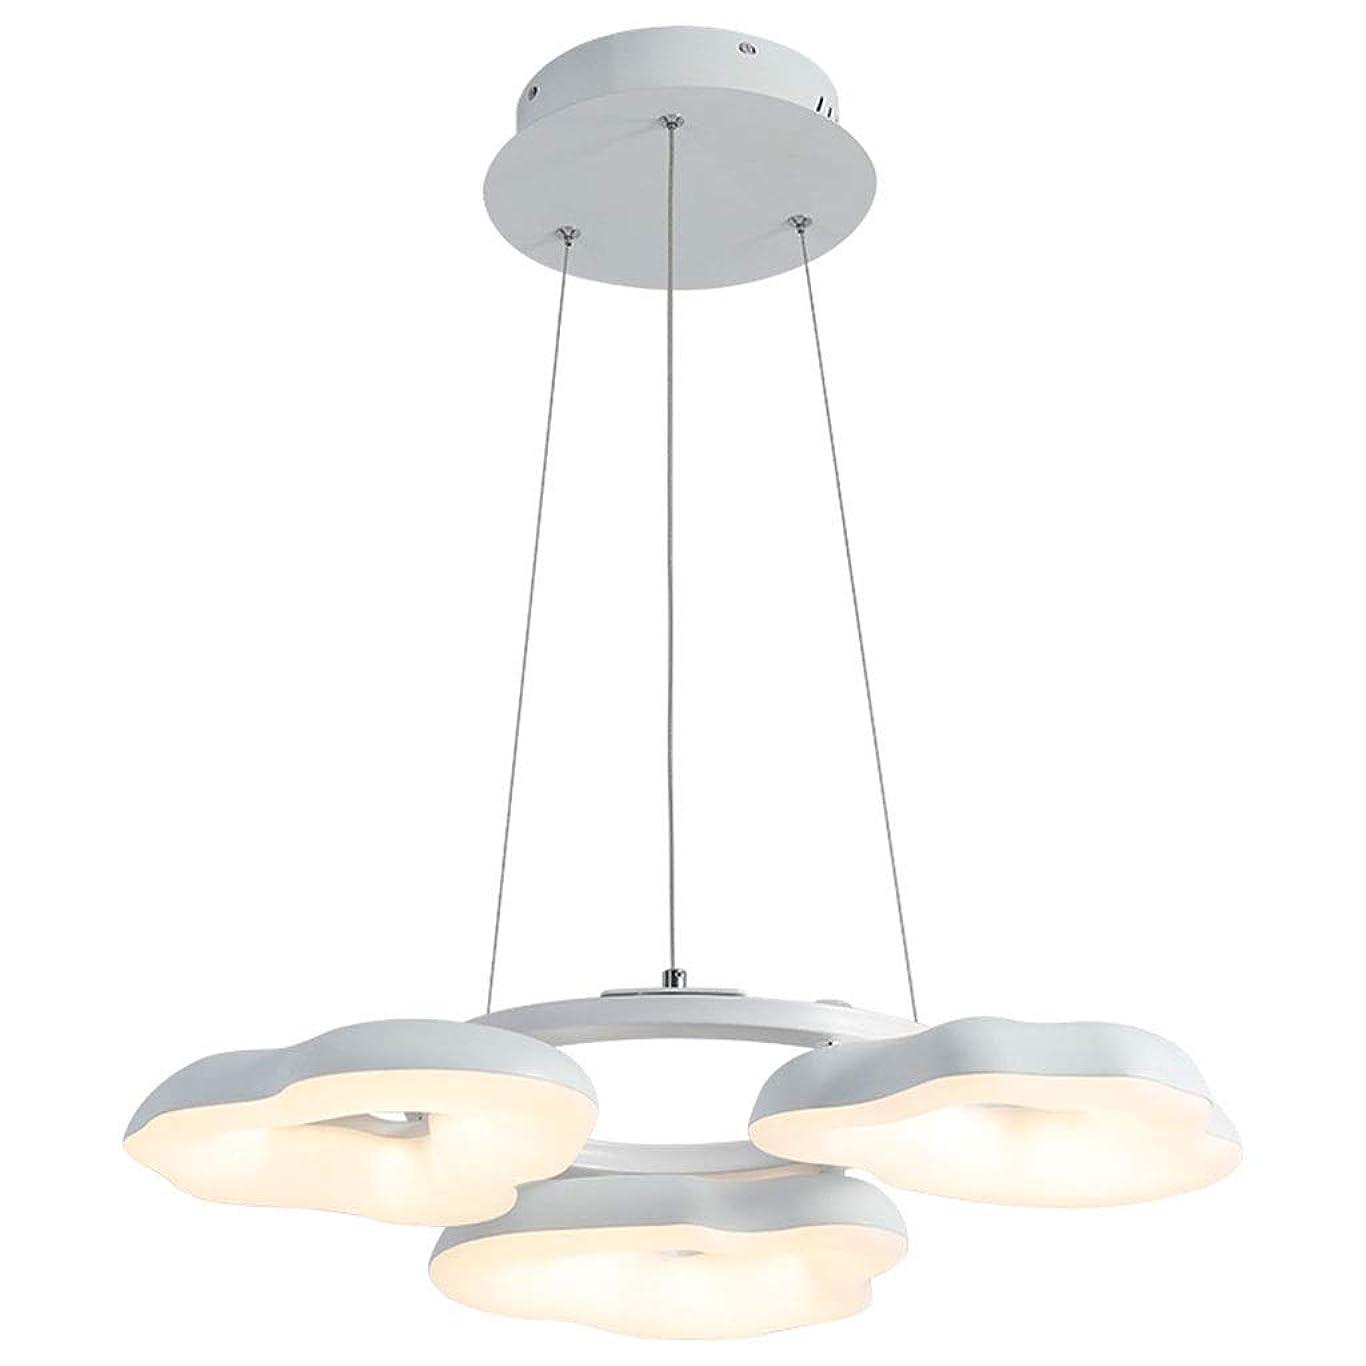 ベッド極地報いる123 LEDシーリングシャンデリアホワイト3ライトモダン寝室のペンダントライトの装飾のための新しい[エネルギークラスA] 456 (Color : A)